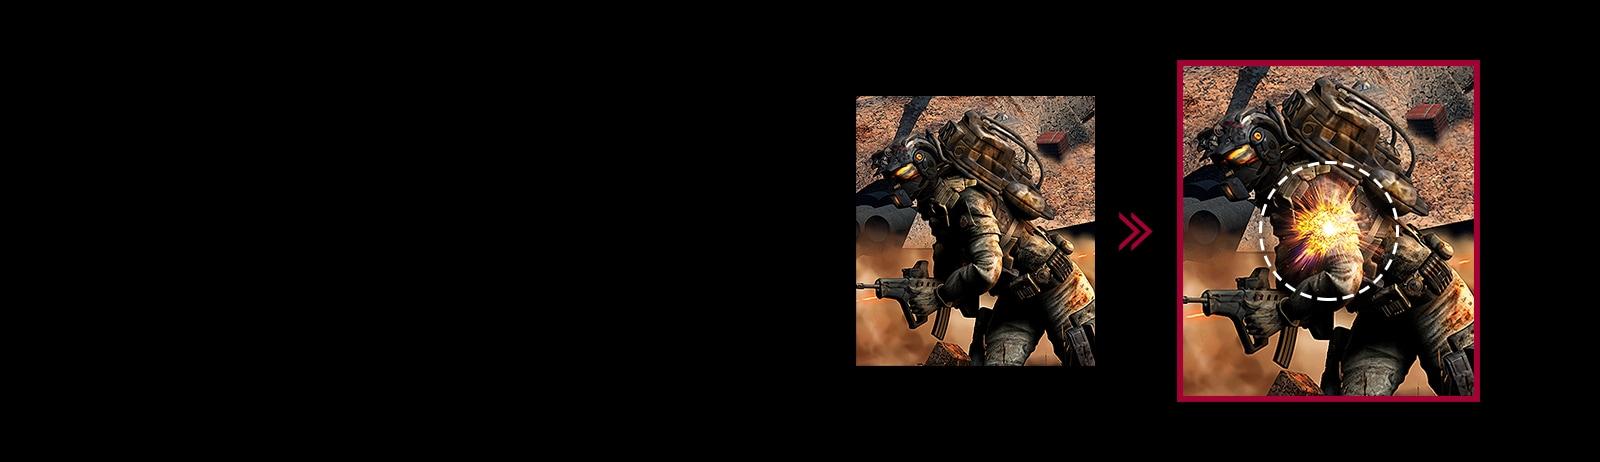 La escena del juego tiene un retraso de entrada minimizado en comparación con el modo convencional